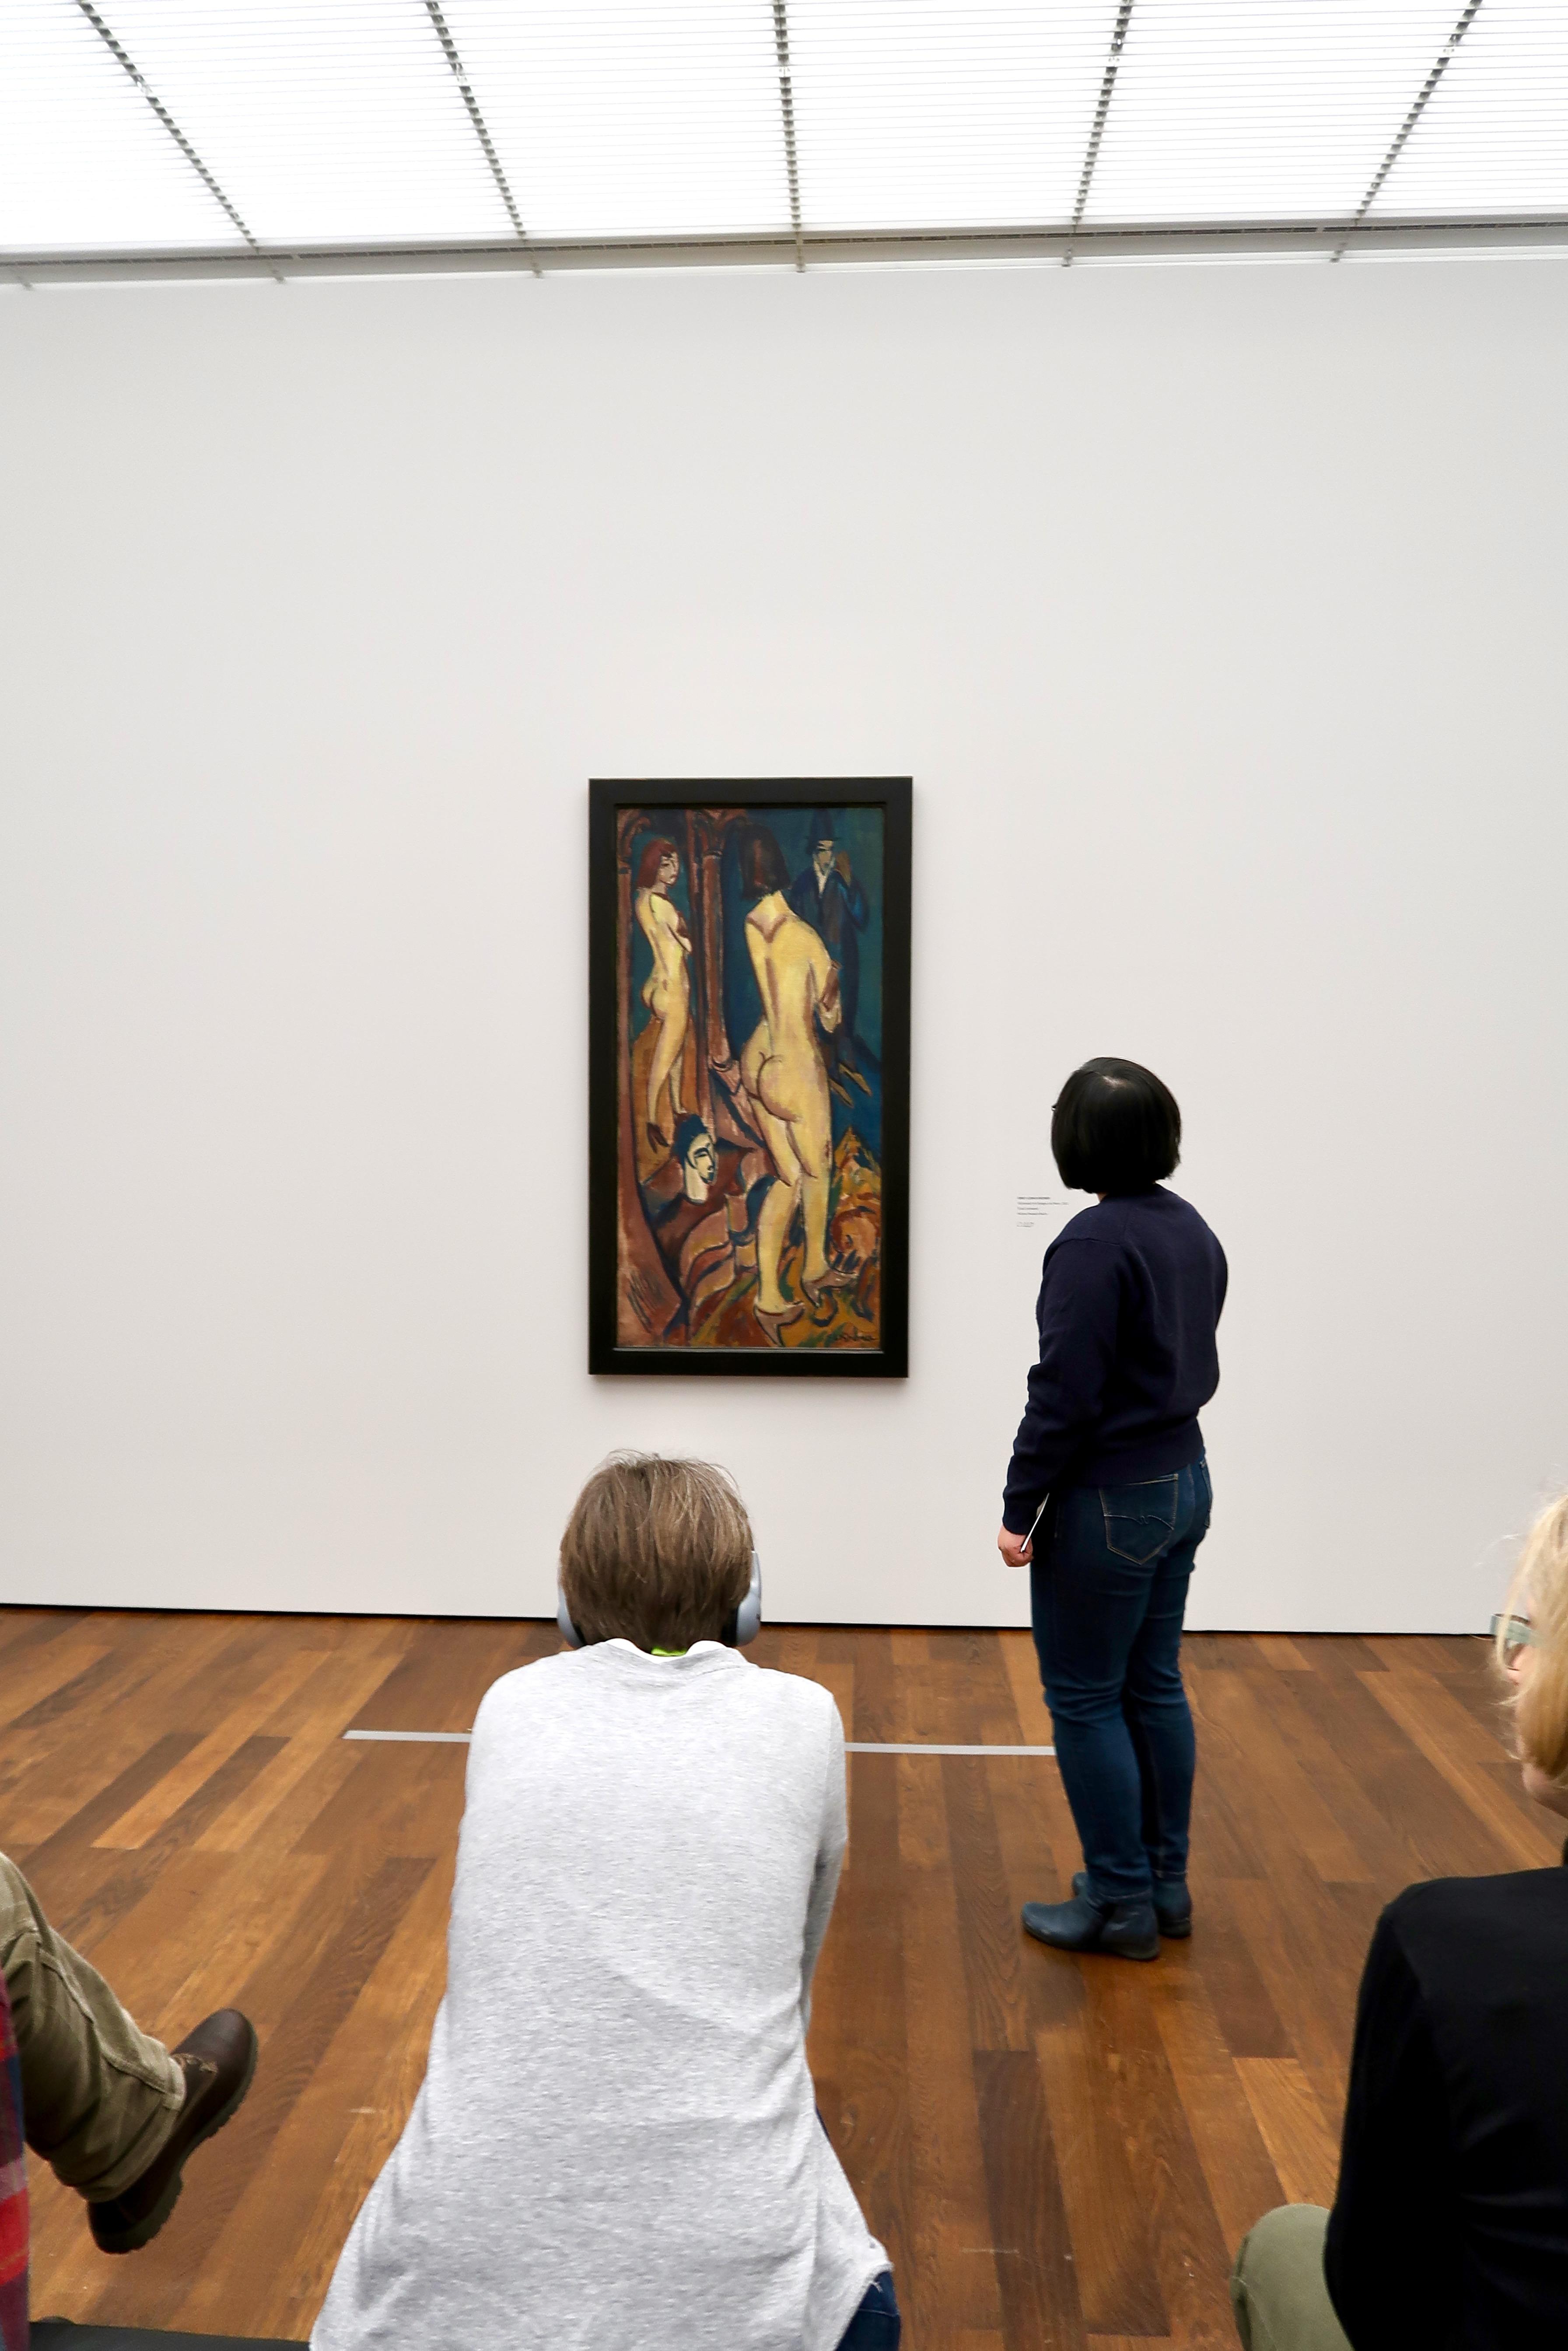 Museum Frieder Burda Die Brucke